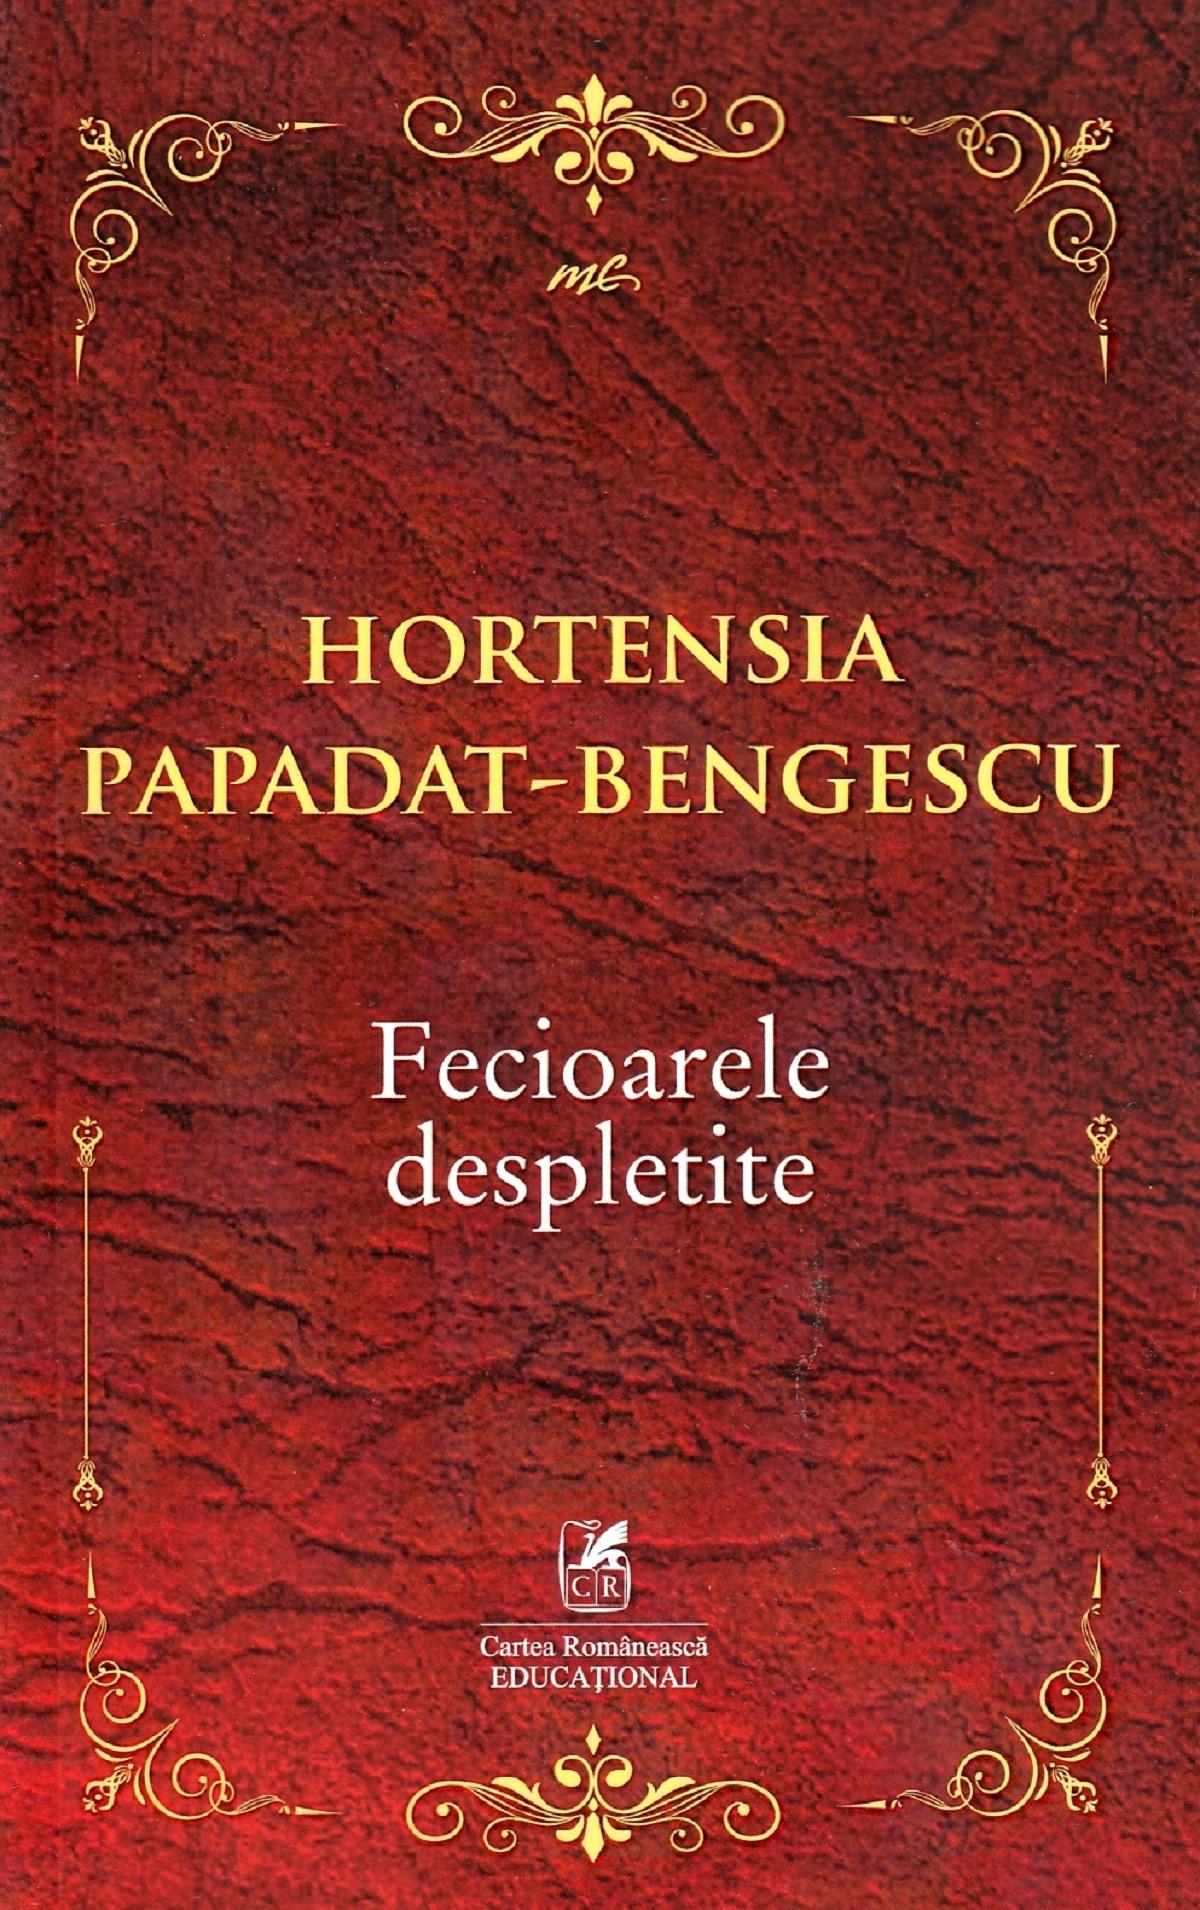 Imagine Fecioarele Despletite - Hortensia Papadat-bengescu